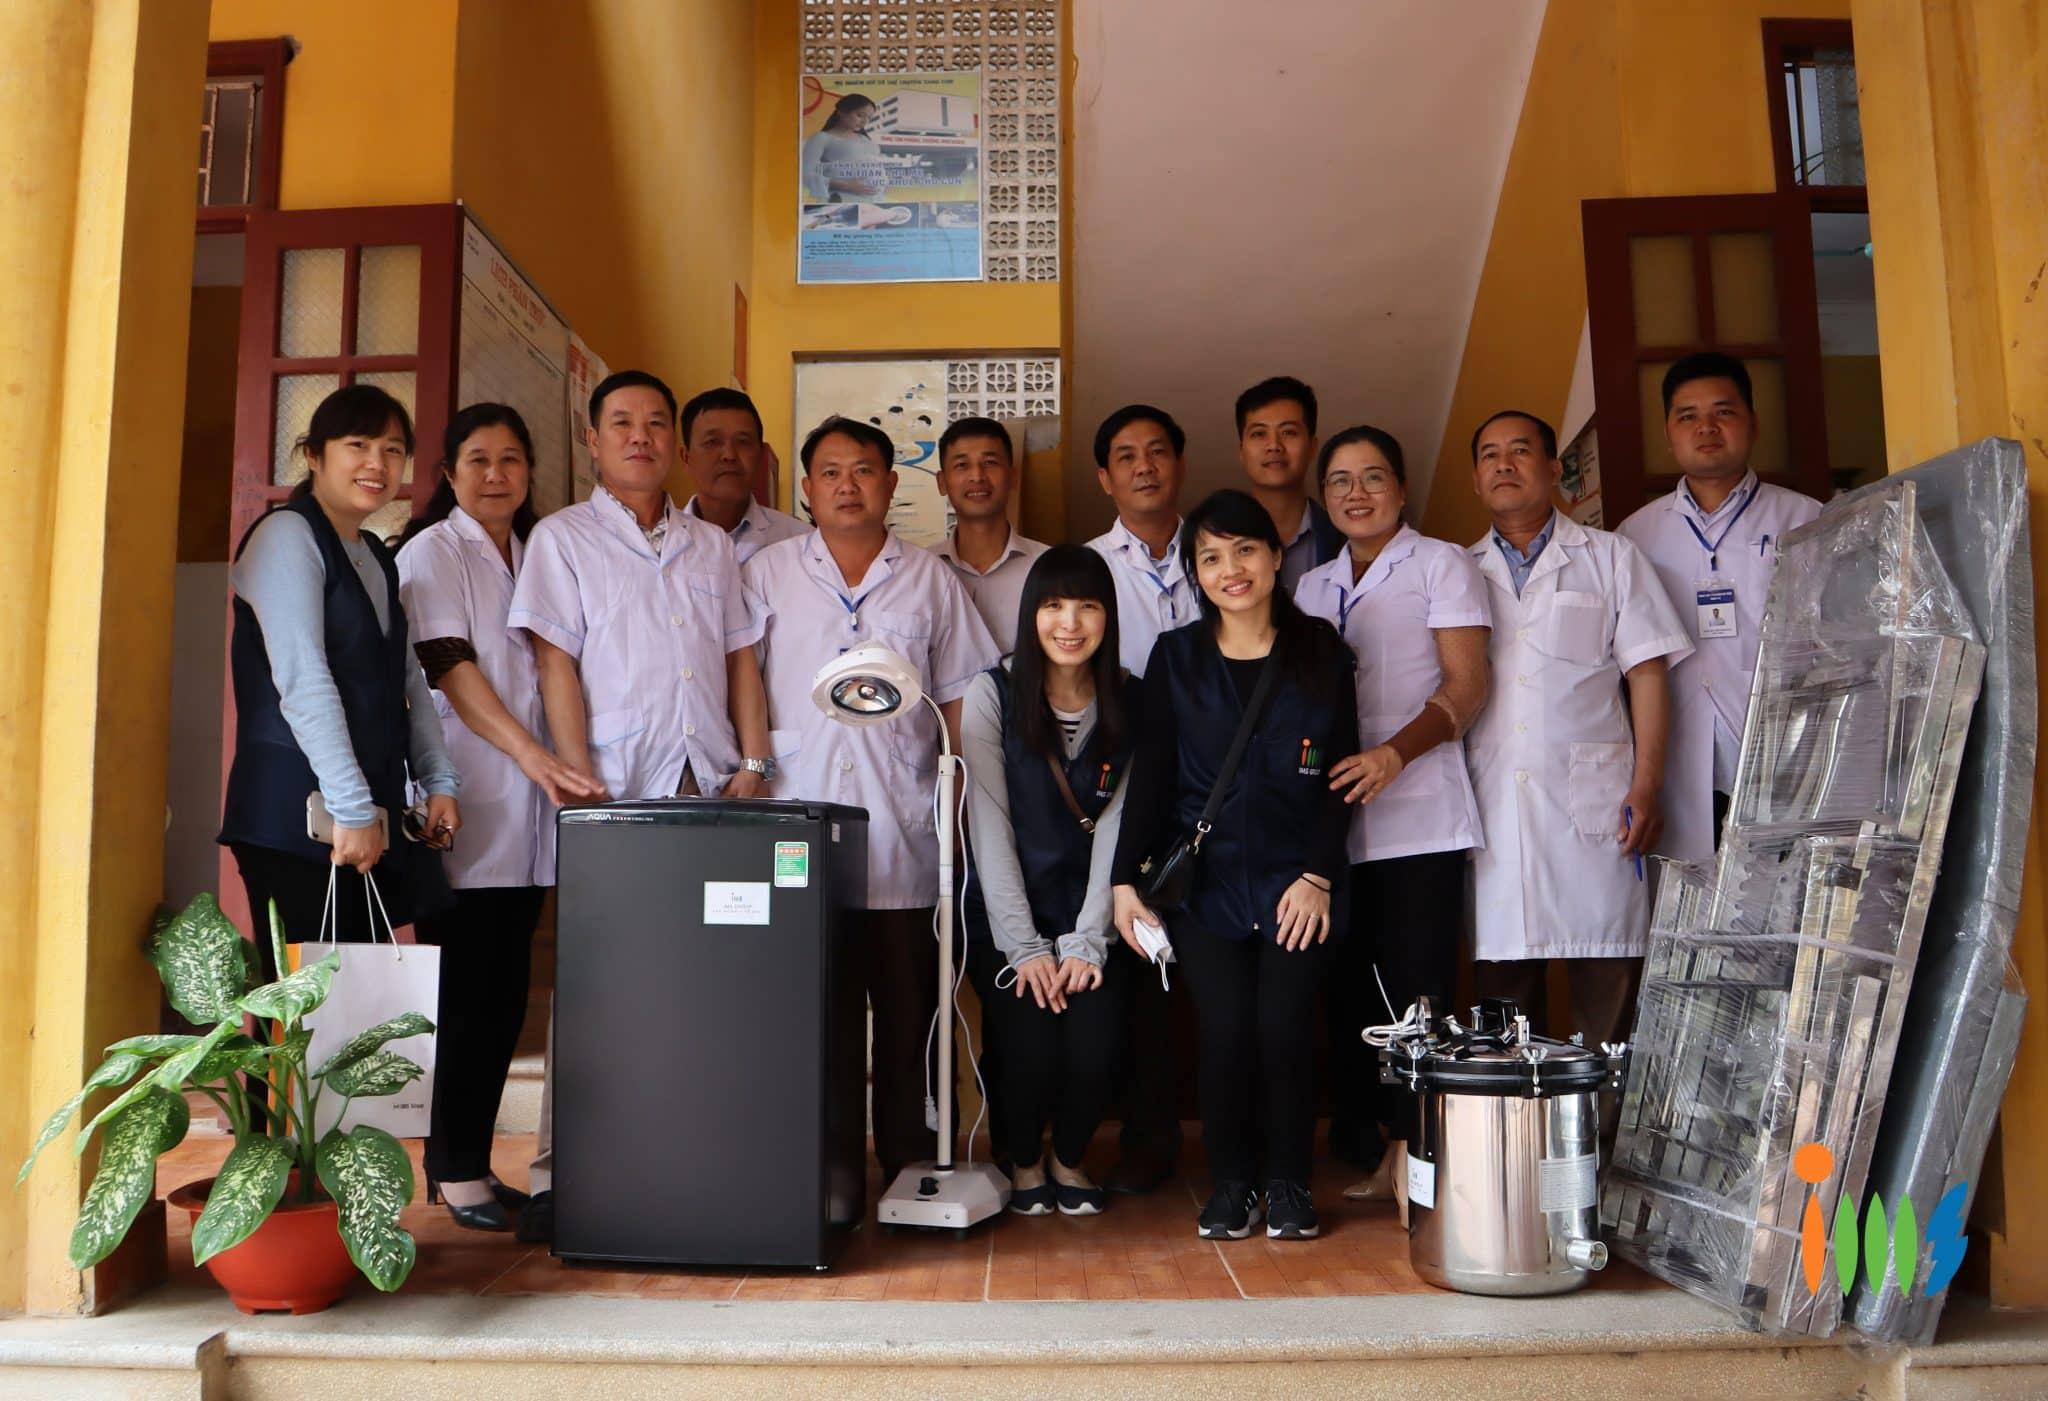 Tập đoàn y tế IMS triển khai dự án hỗ trợ y tế tại xã Tân Sơn, Lục Ngạn, Bắc Giang